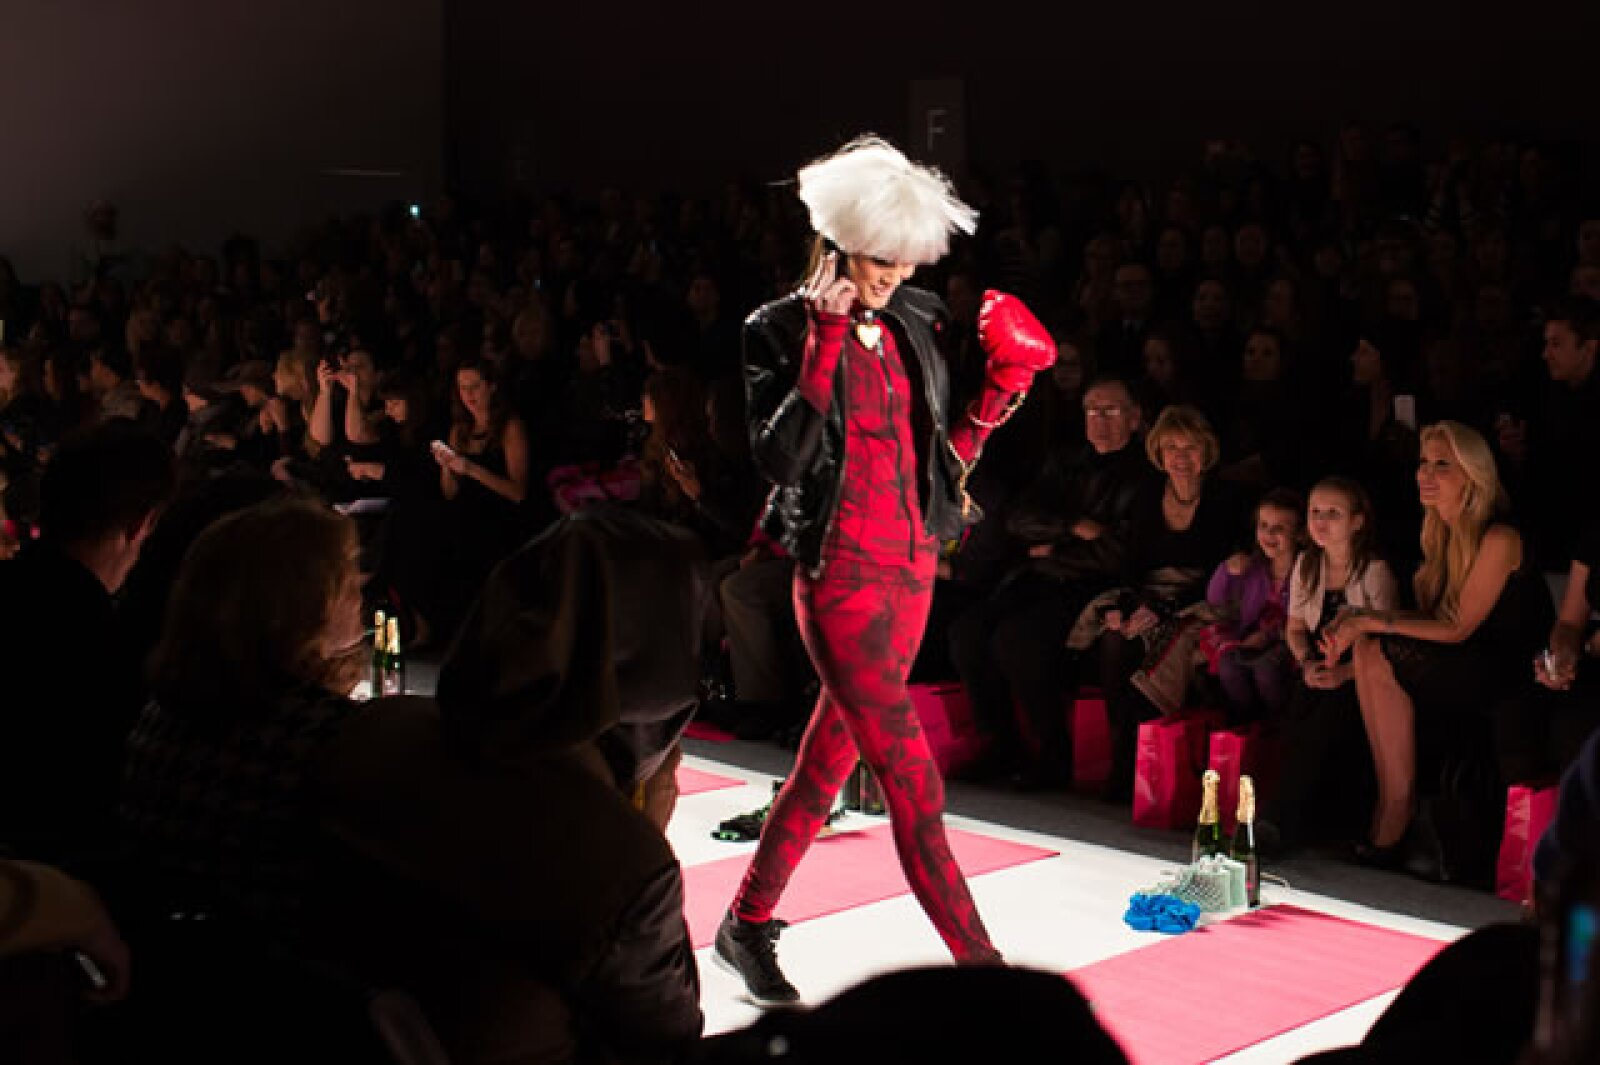 La diseñadora, de 70 años, mejor conocida por sus diseños hot pink y toques punk presentó su colección de Otoño-Invierno 2013/2014.